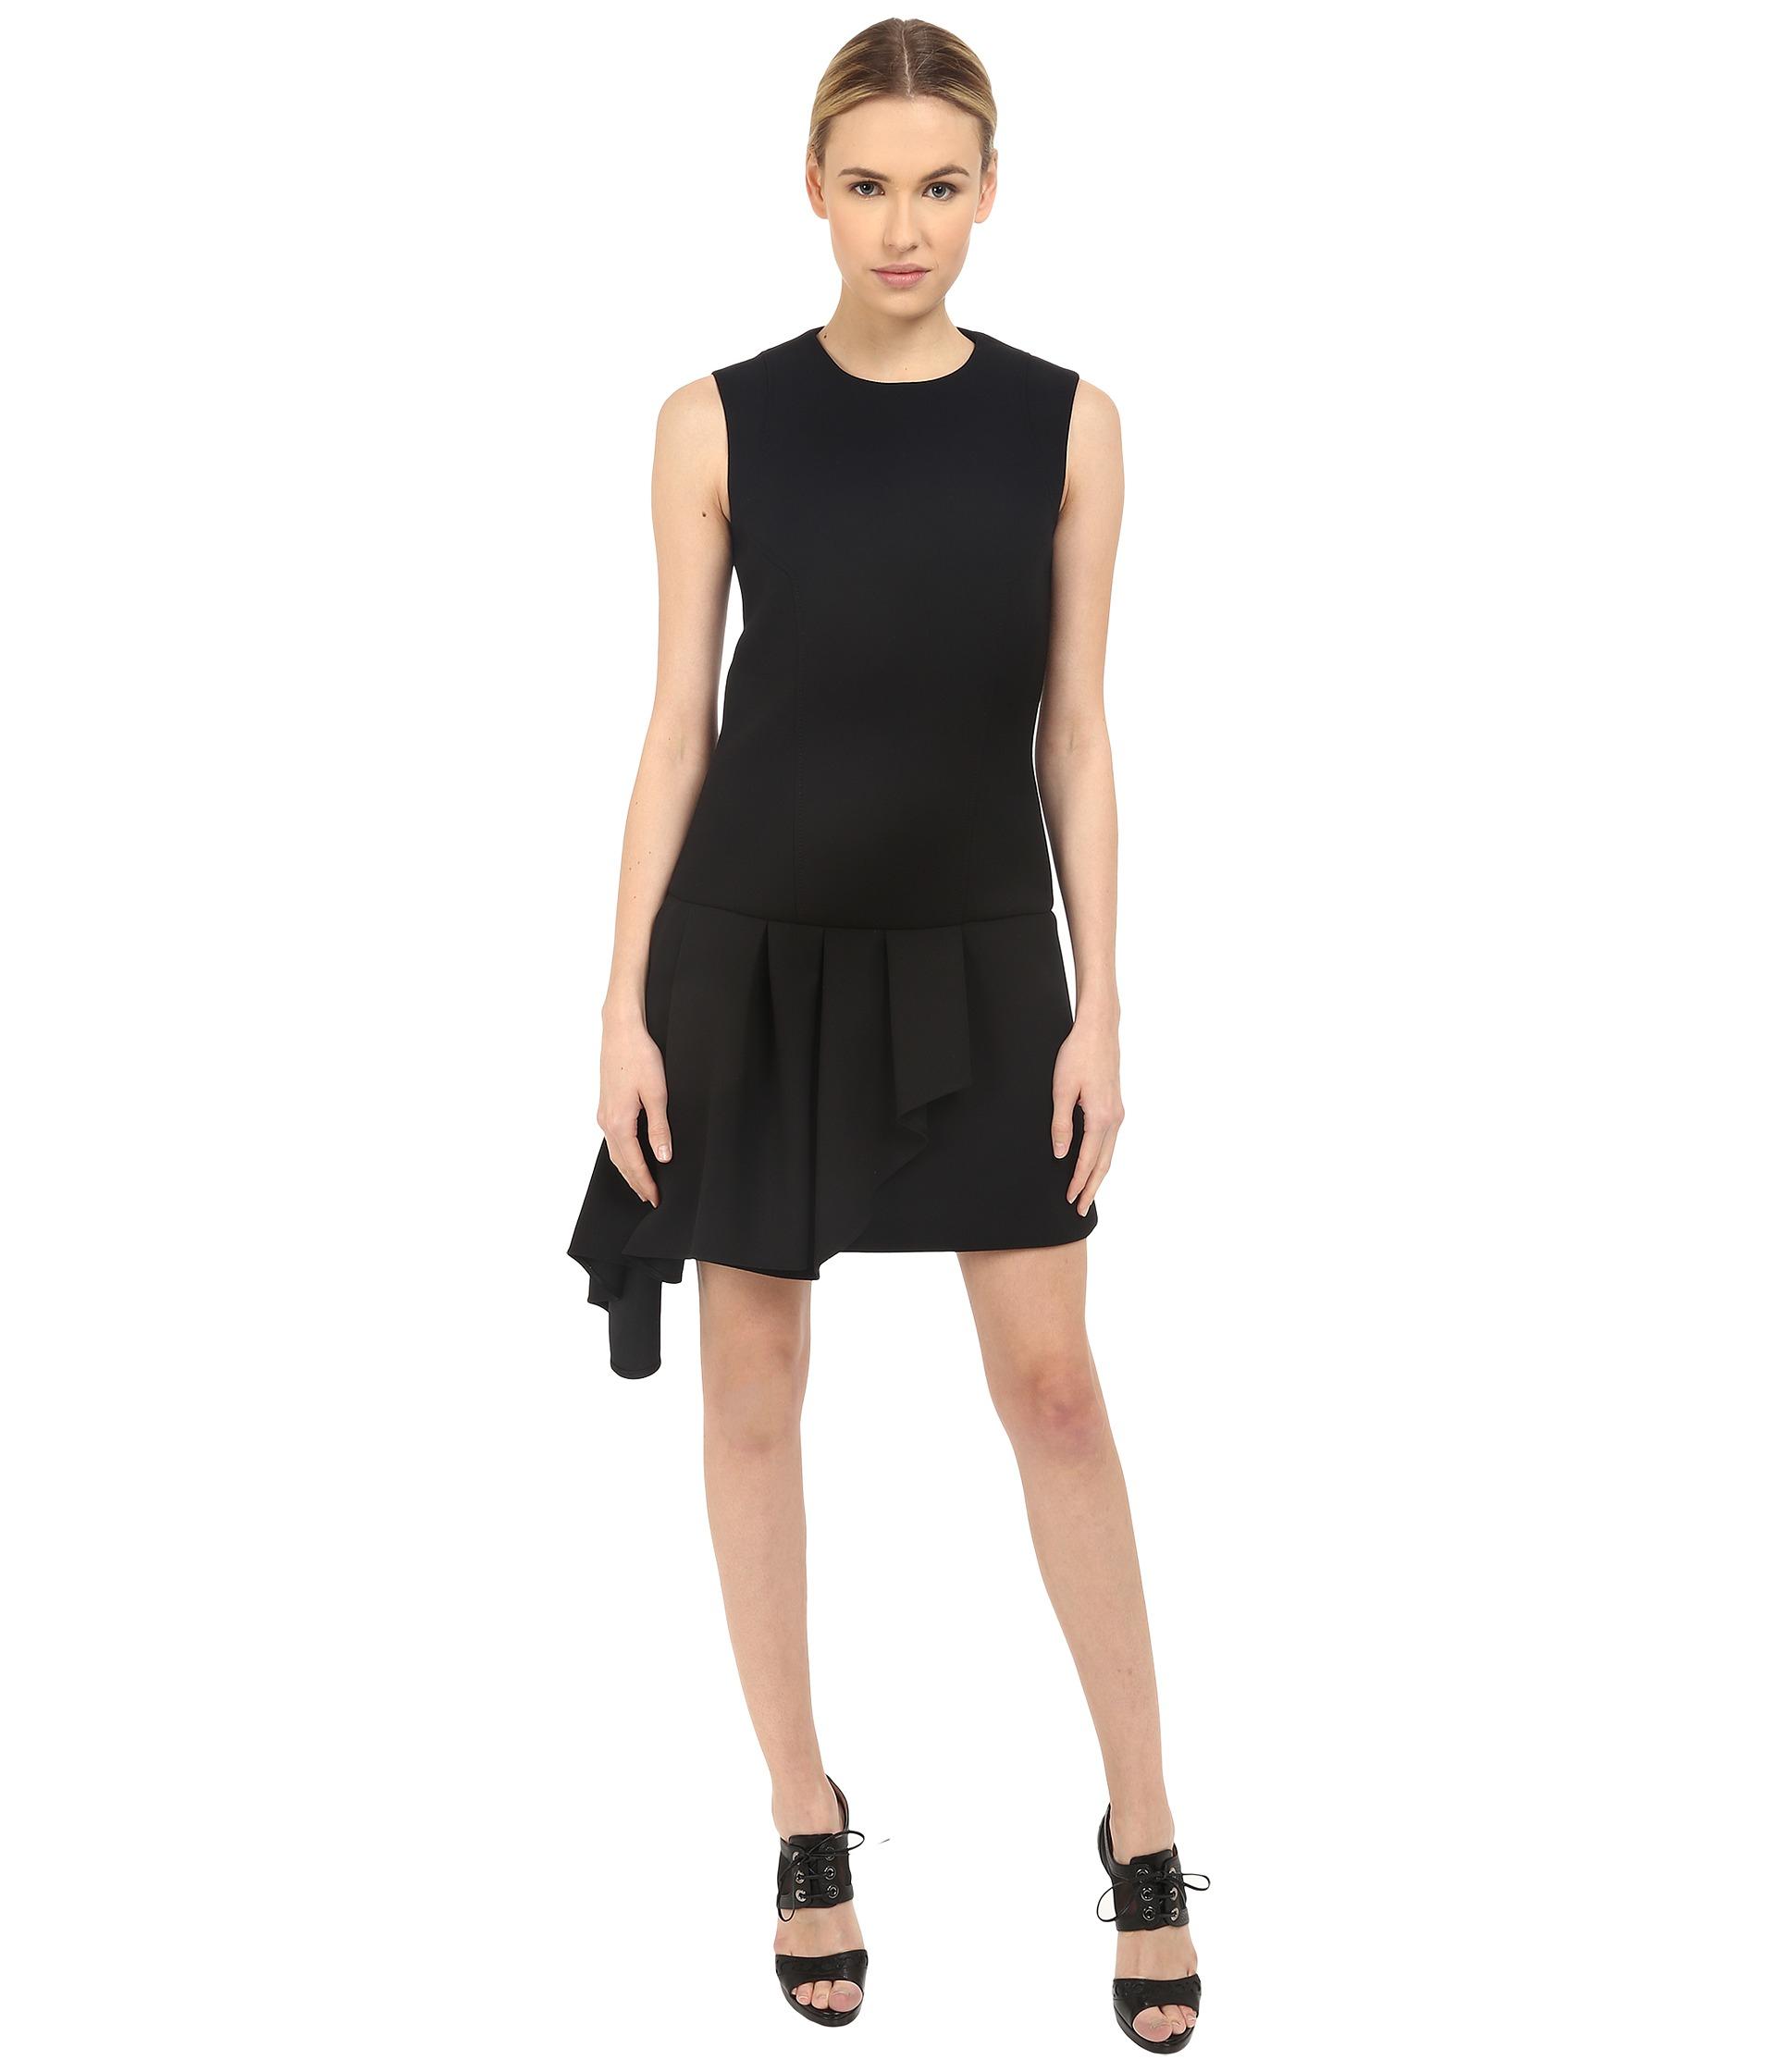 woven dress - Black Neil Barrett 6WQUHGjWmT